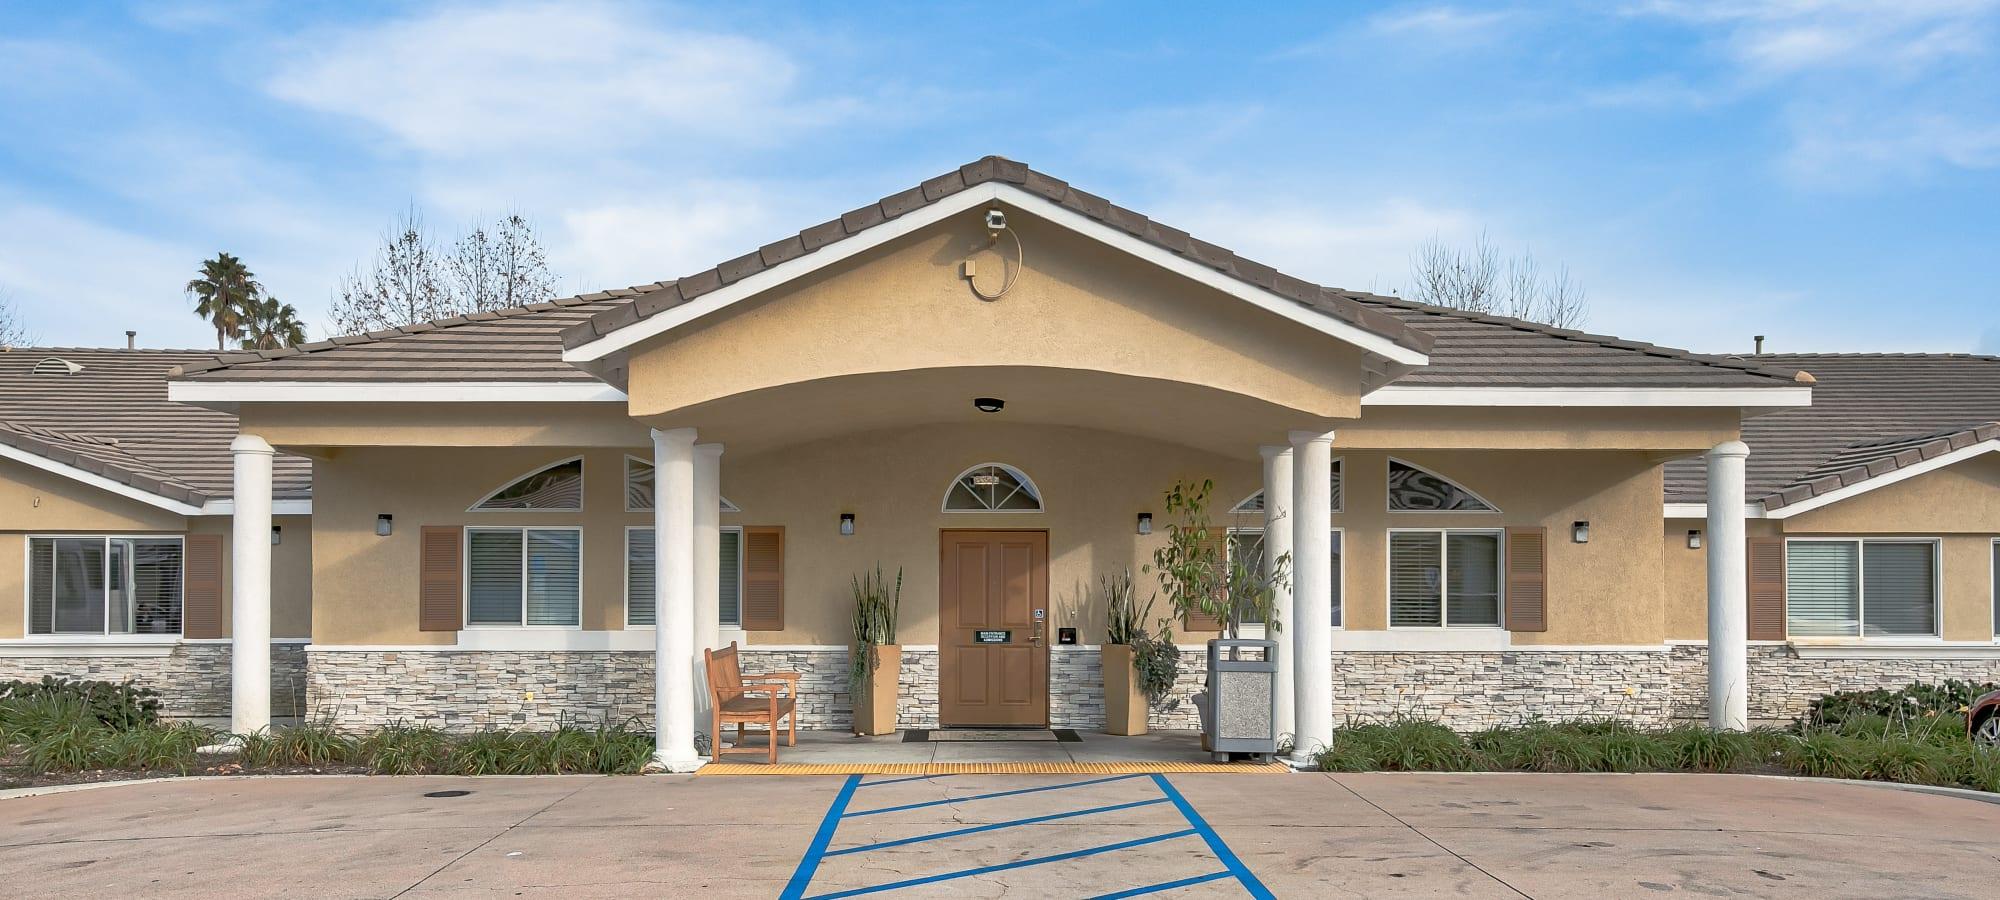 Exterior Image of Sunlit Gardens in Alta Loma, California